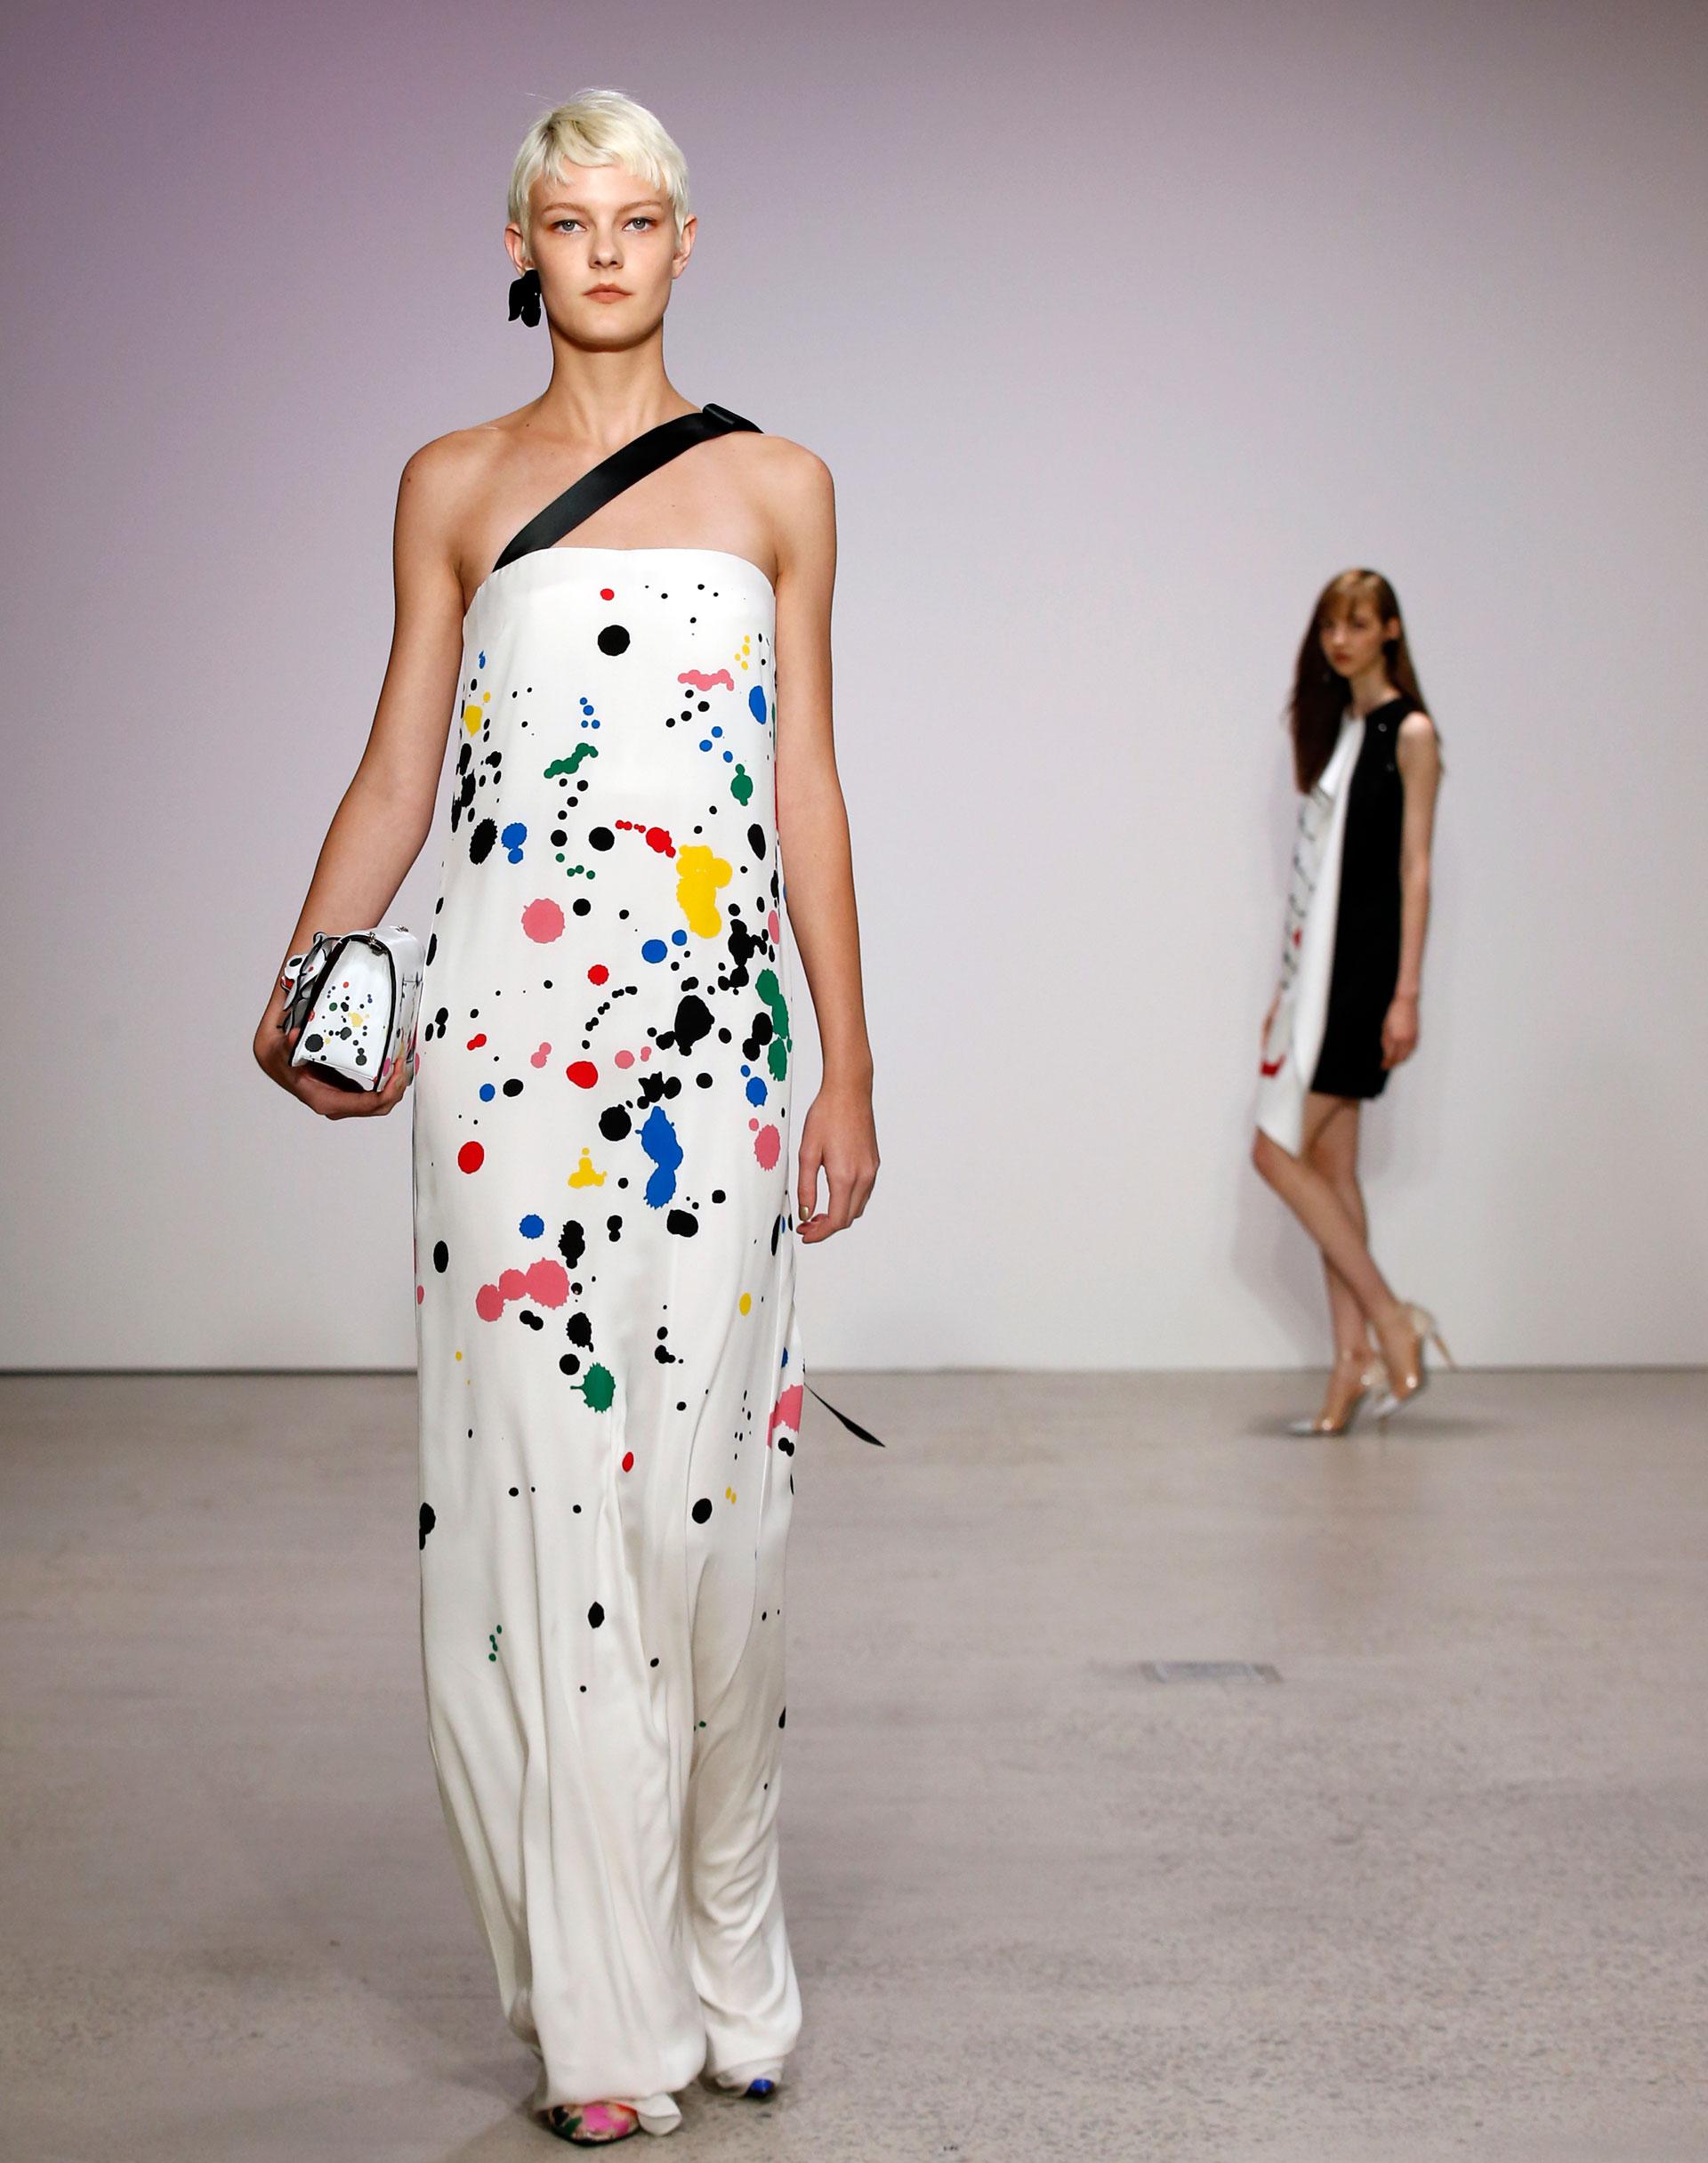 Pop arts como salpicados en vestidos, camisas y accesorios complementarios (AP)